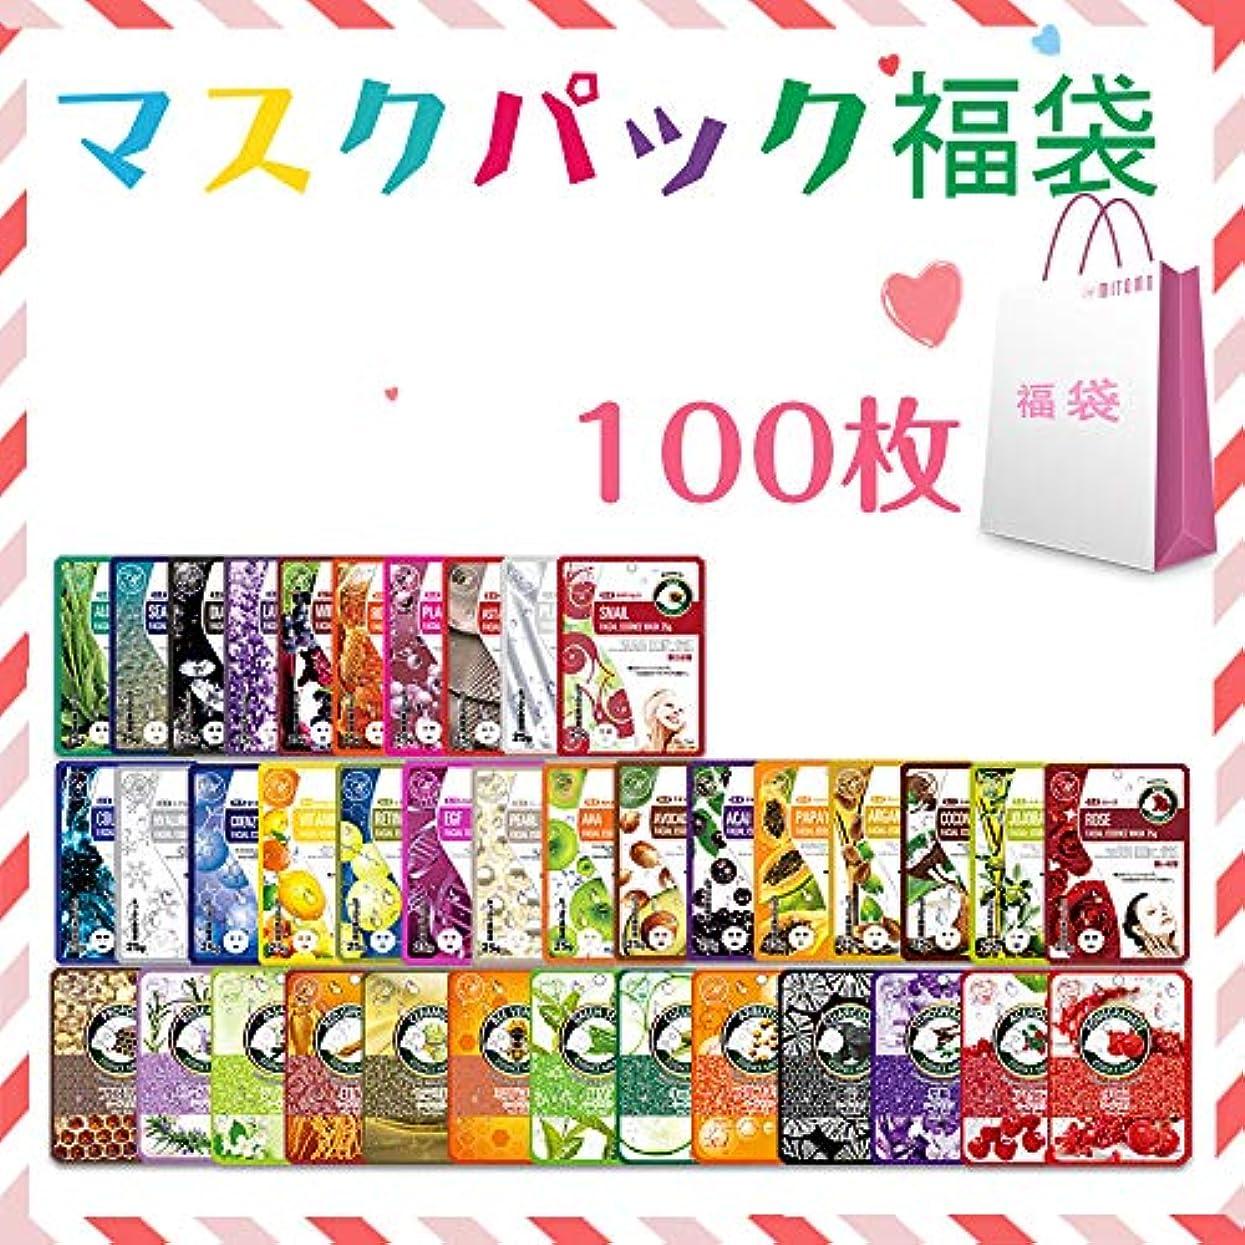 ハロウィン届けるレンジ【LBPRKL0100】シートマスク/100枚/美容液/マスクパック/送料無料